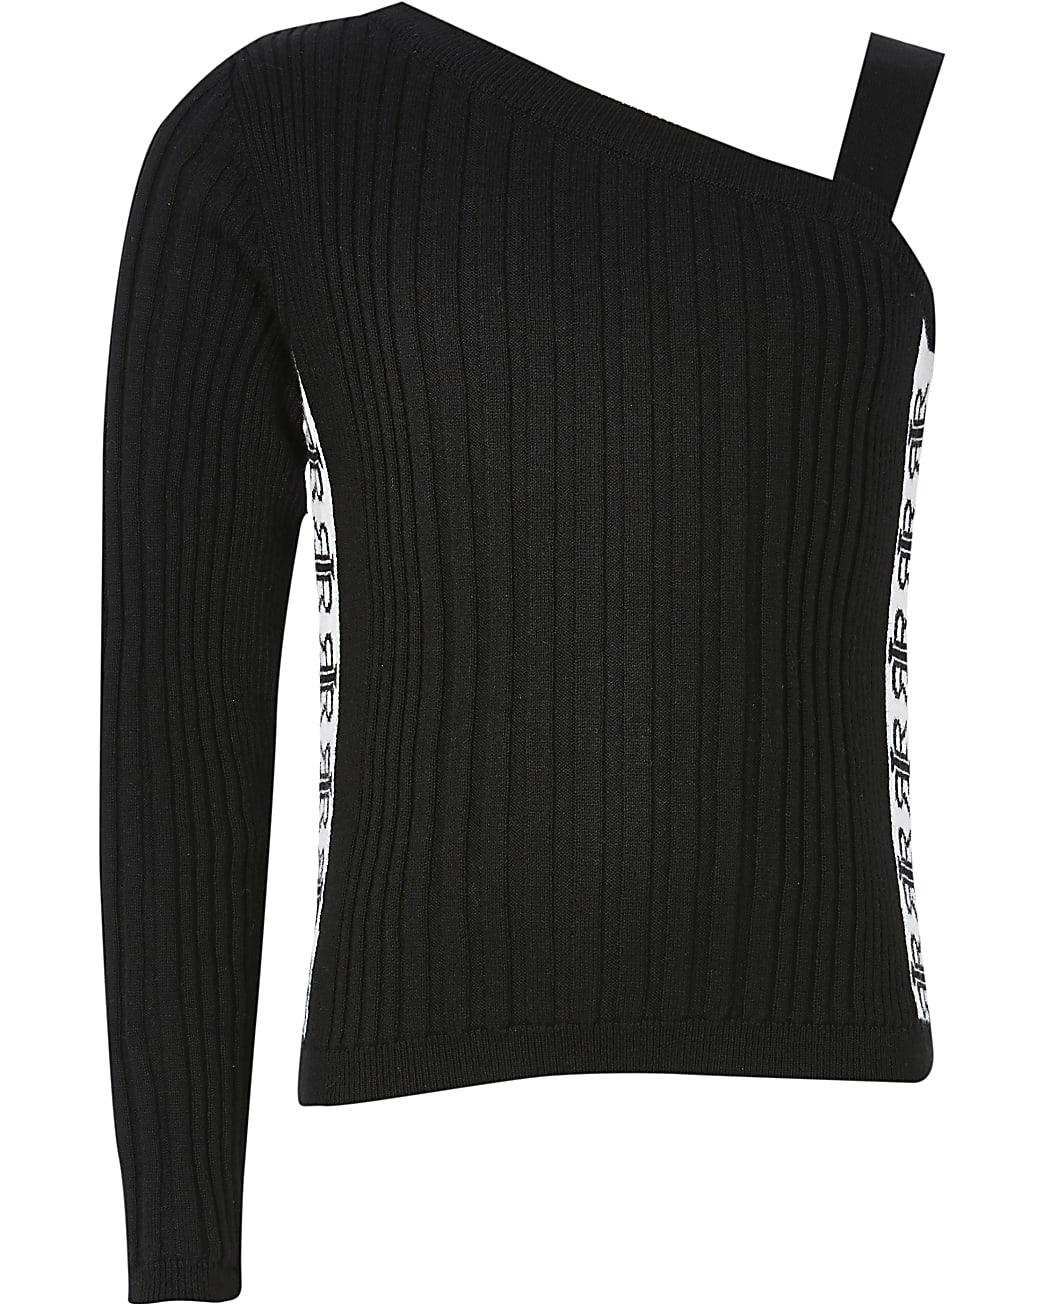 Girls black one shoulder tape side knit top